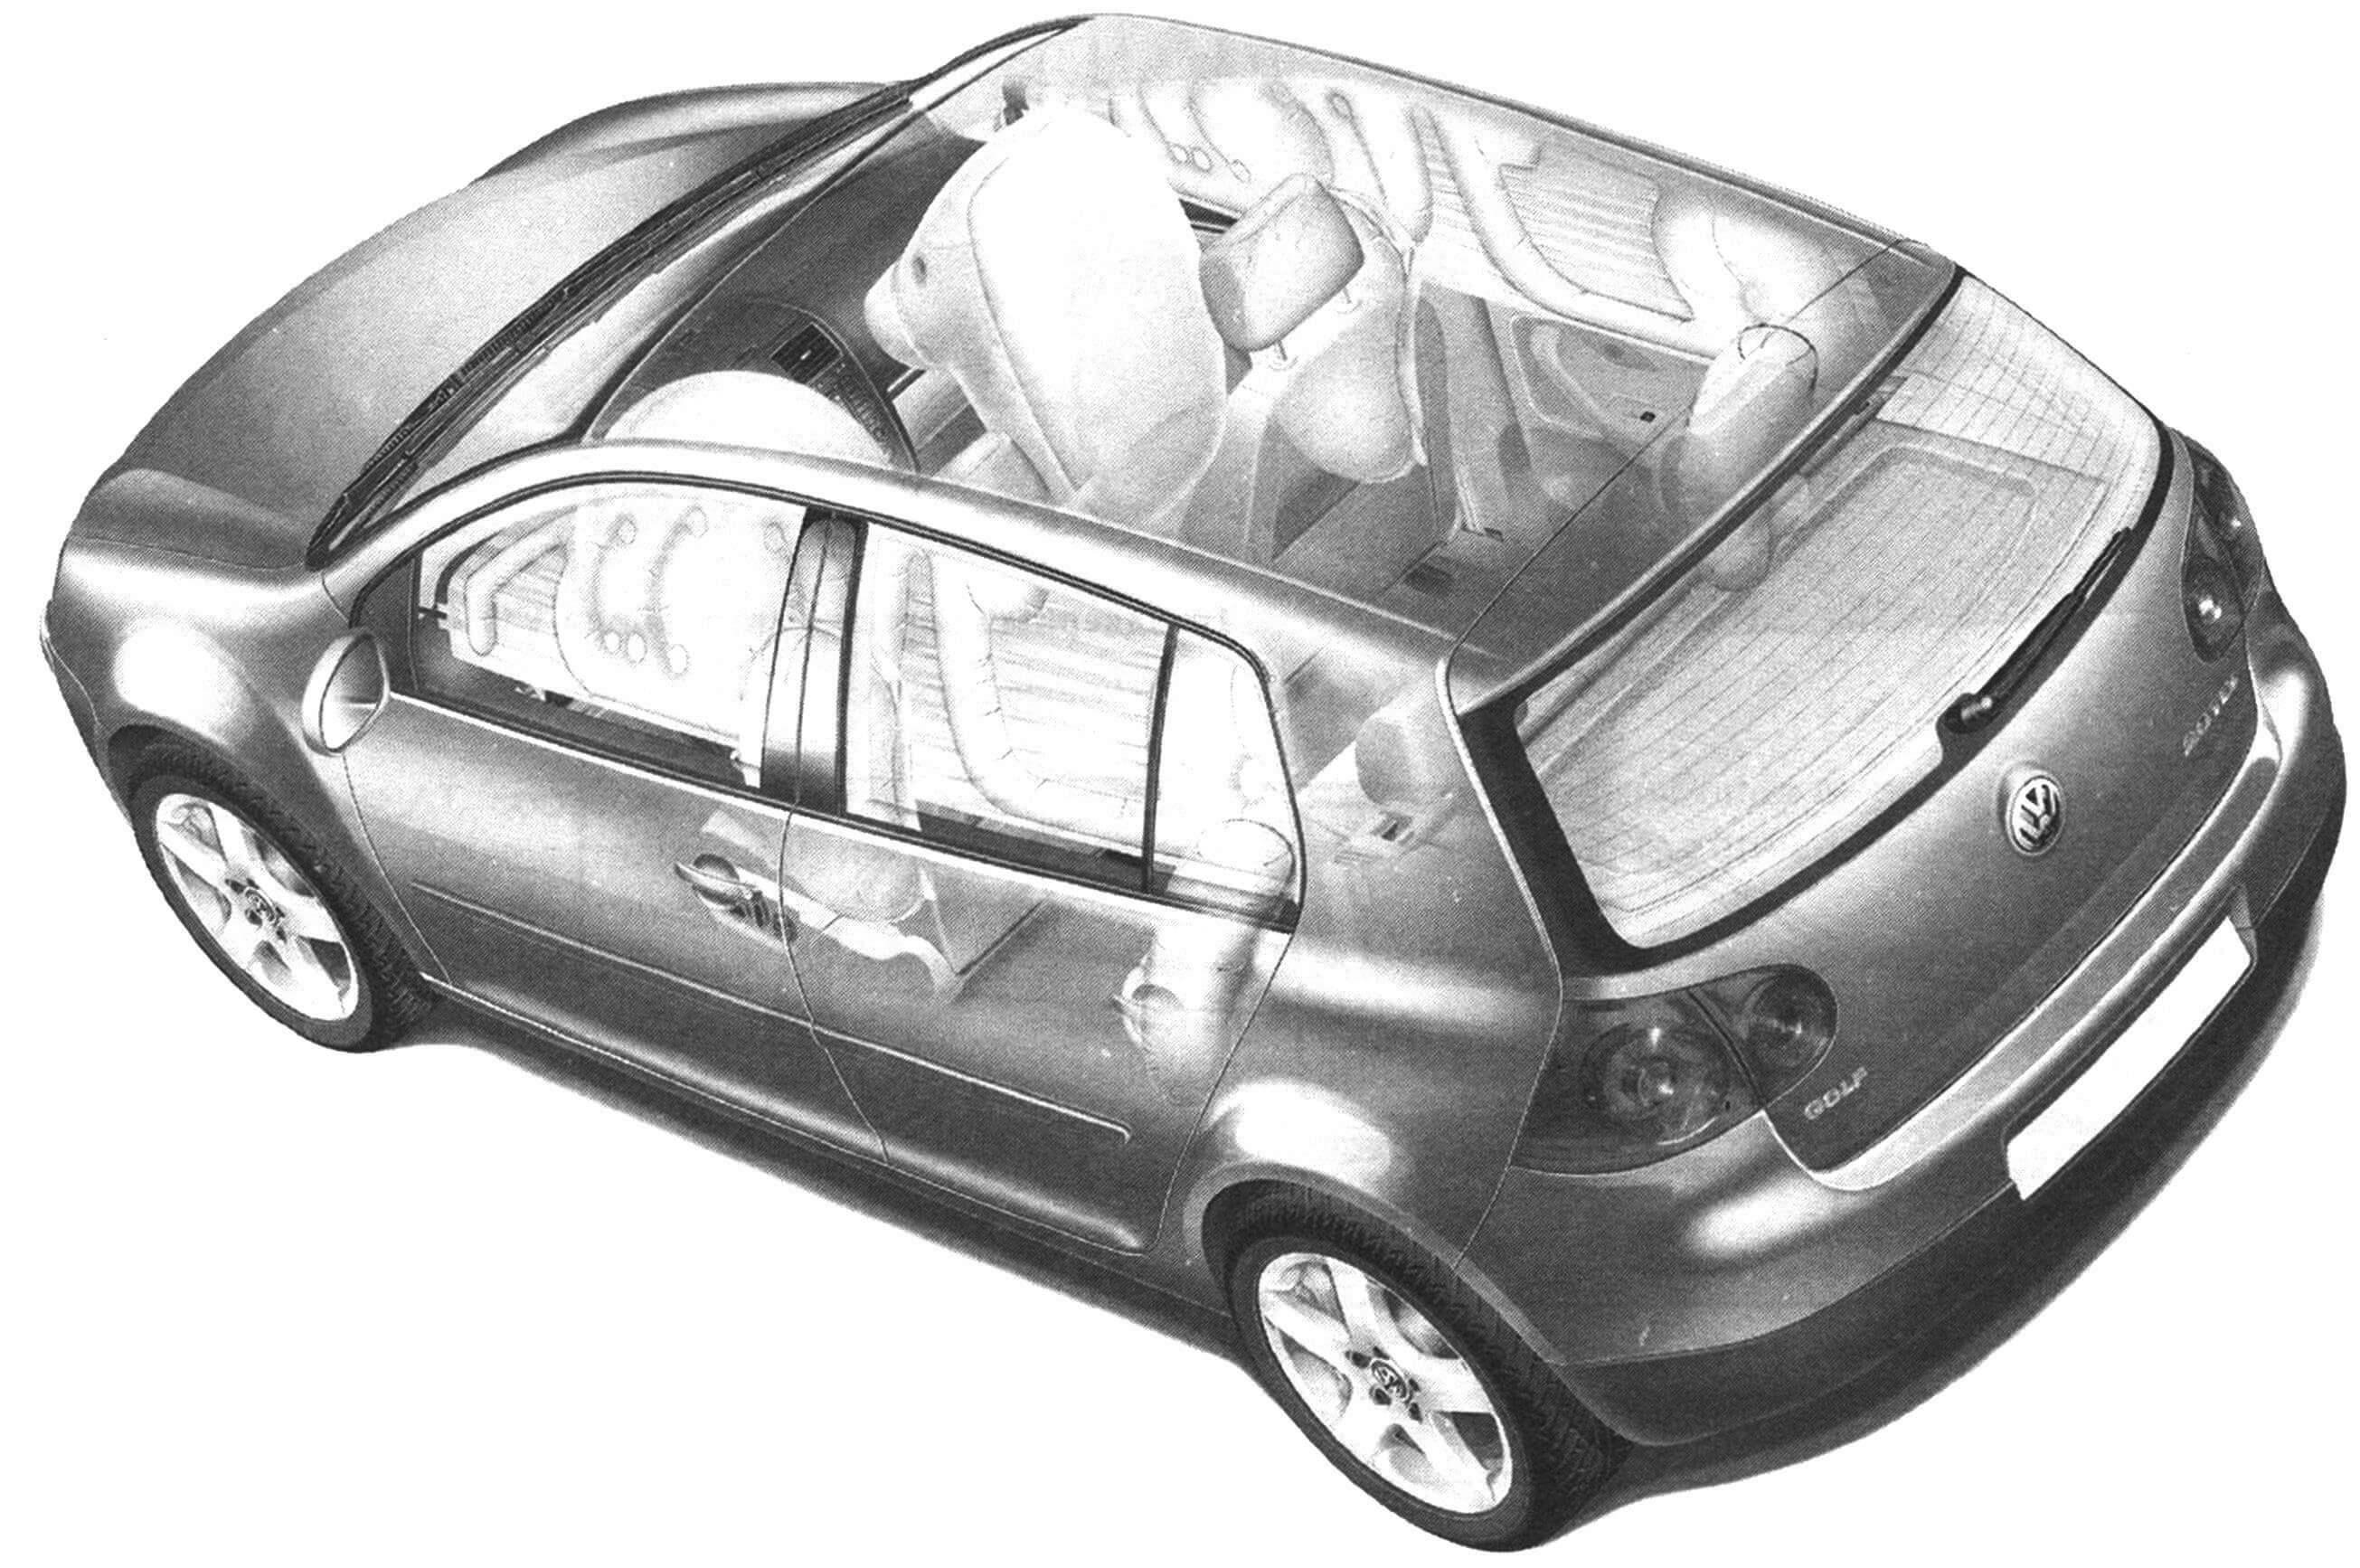 VW Golf V оснащен подушками безопасности и занавесками для защиты головы при боковых ударах